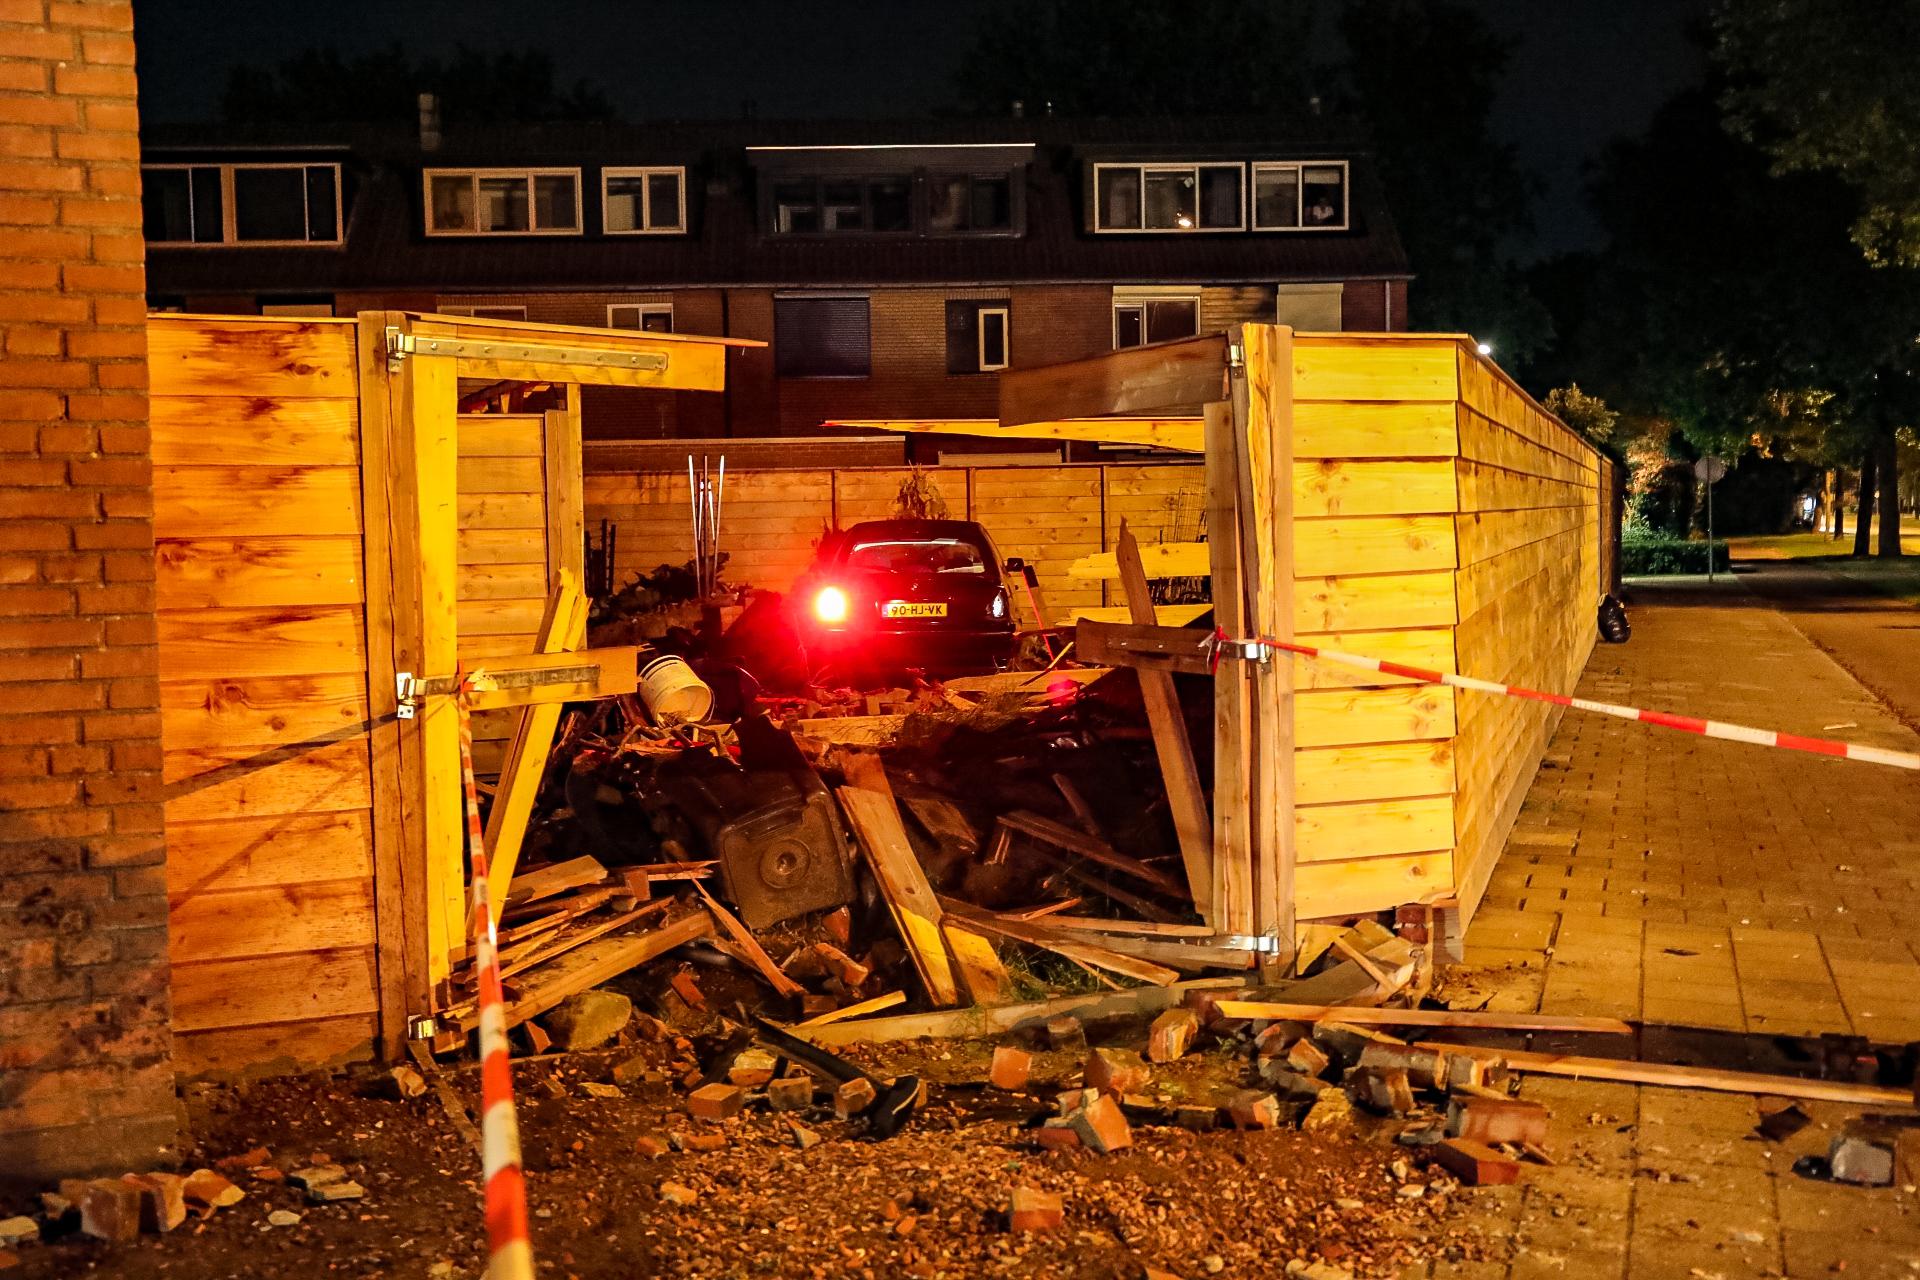 Lachgas aangetroffen in gecrashte auto in tuin